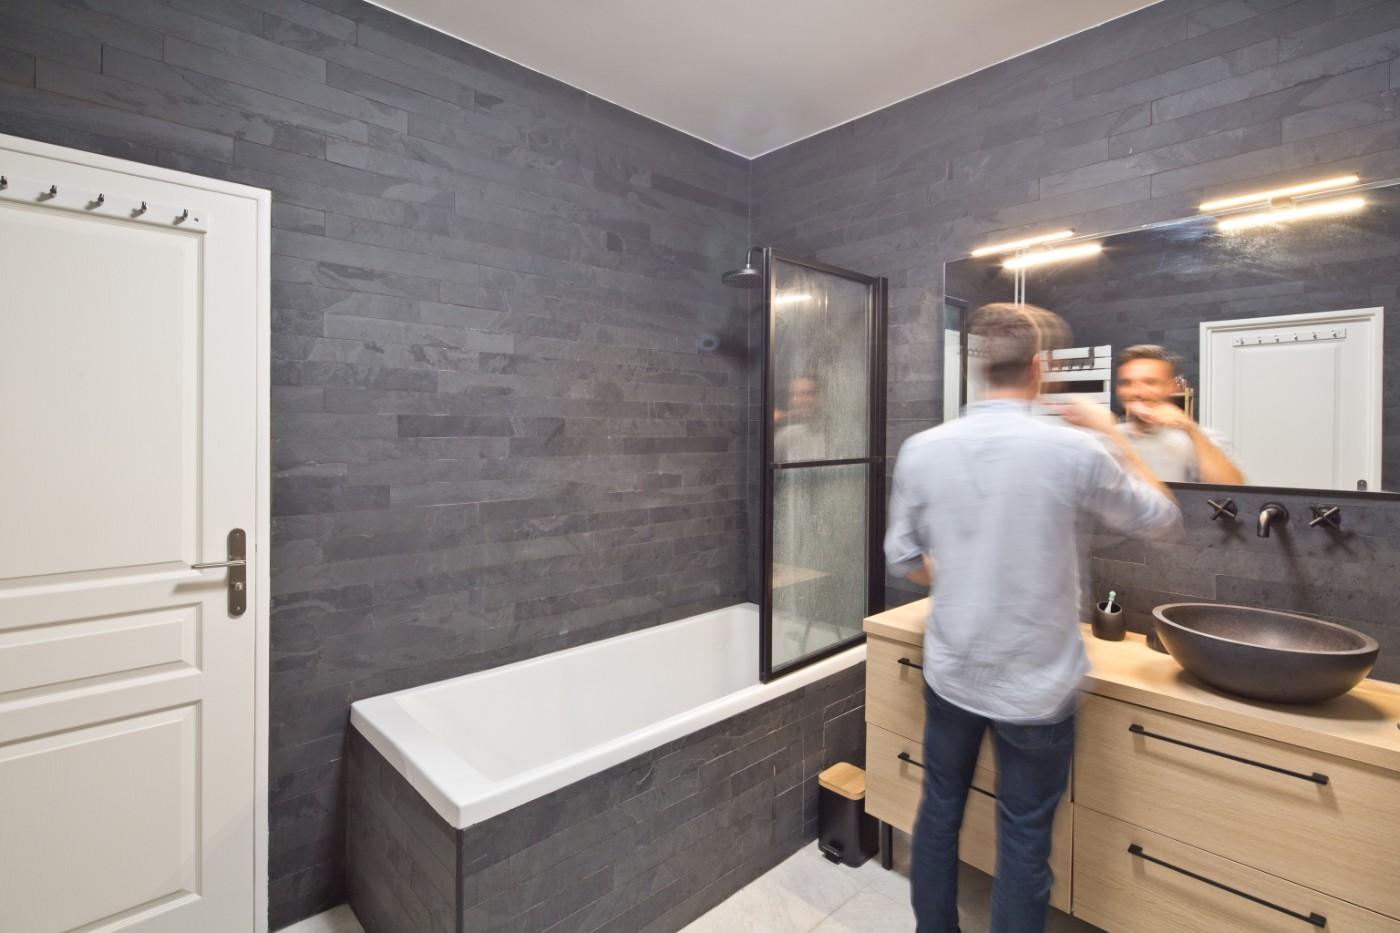 Salle de bain de l'appartement de Courbevoie par Archibien